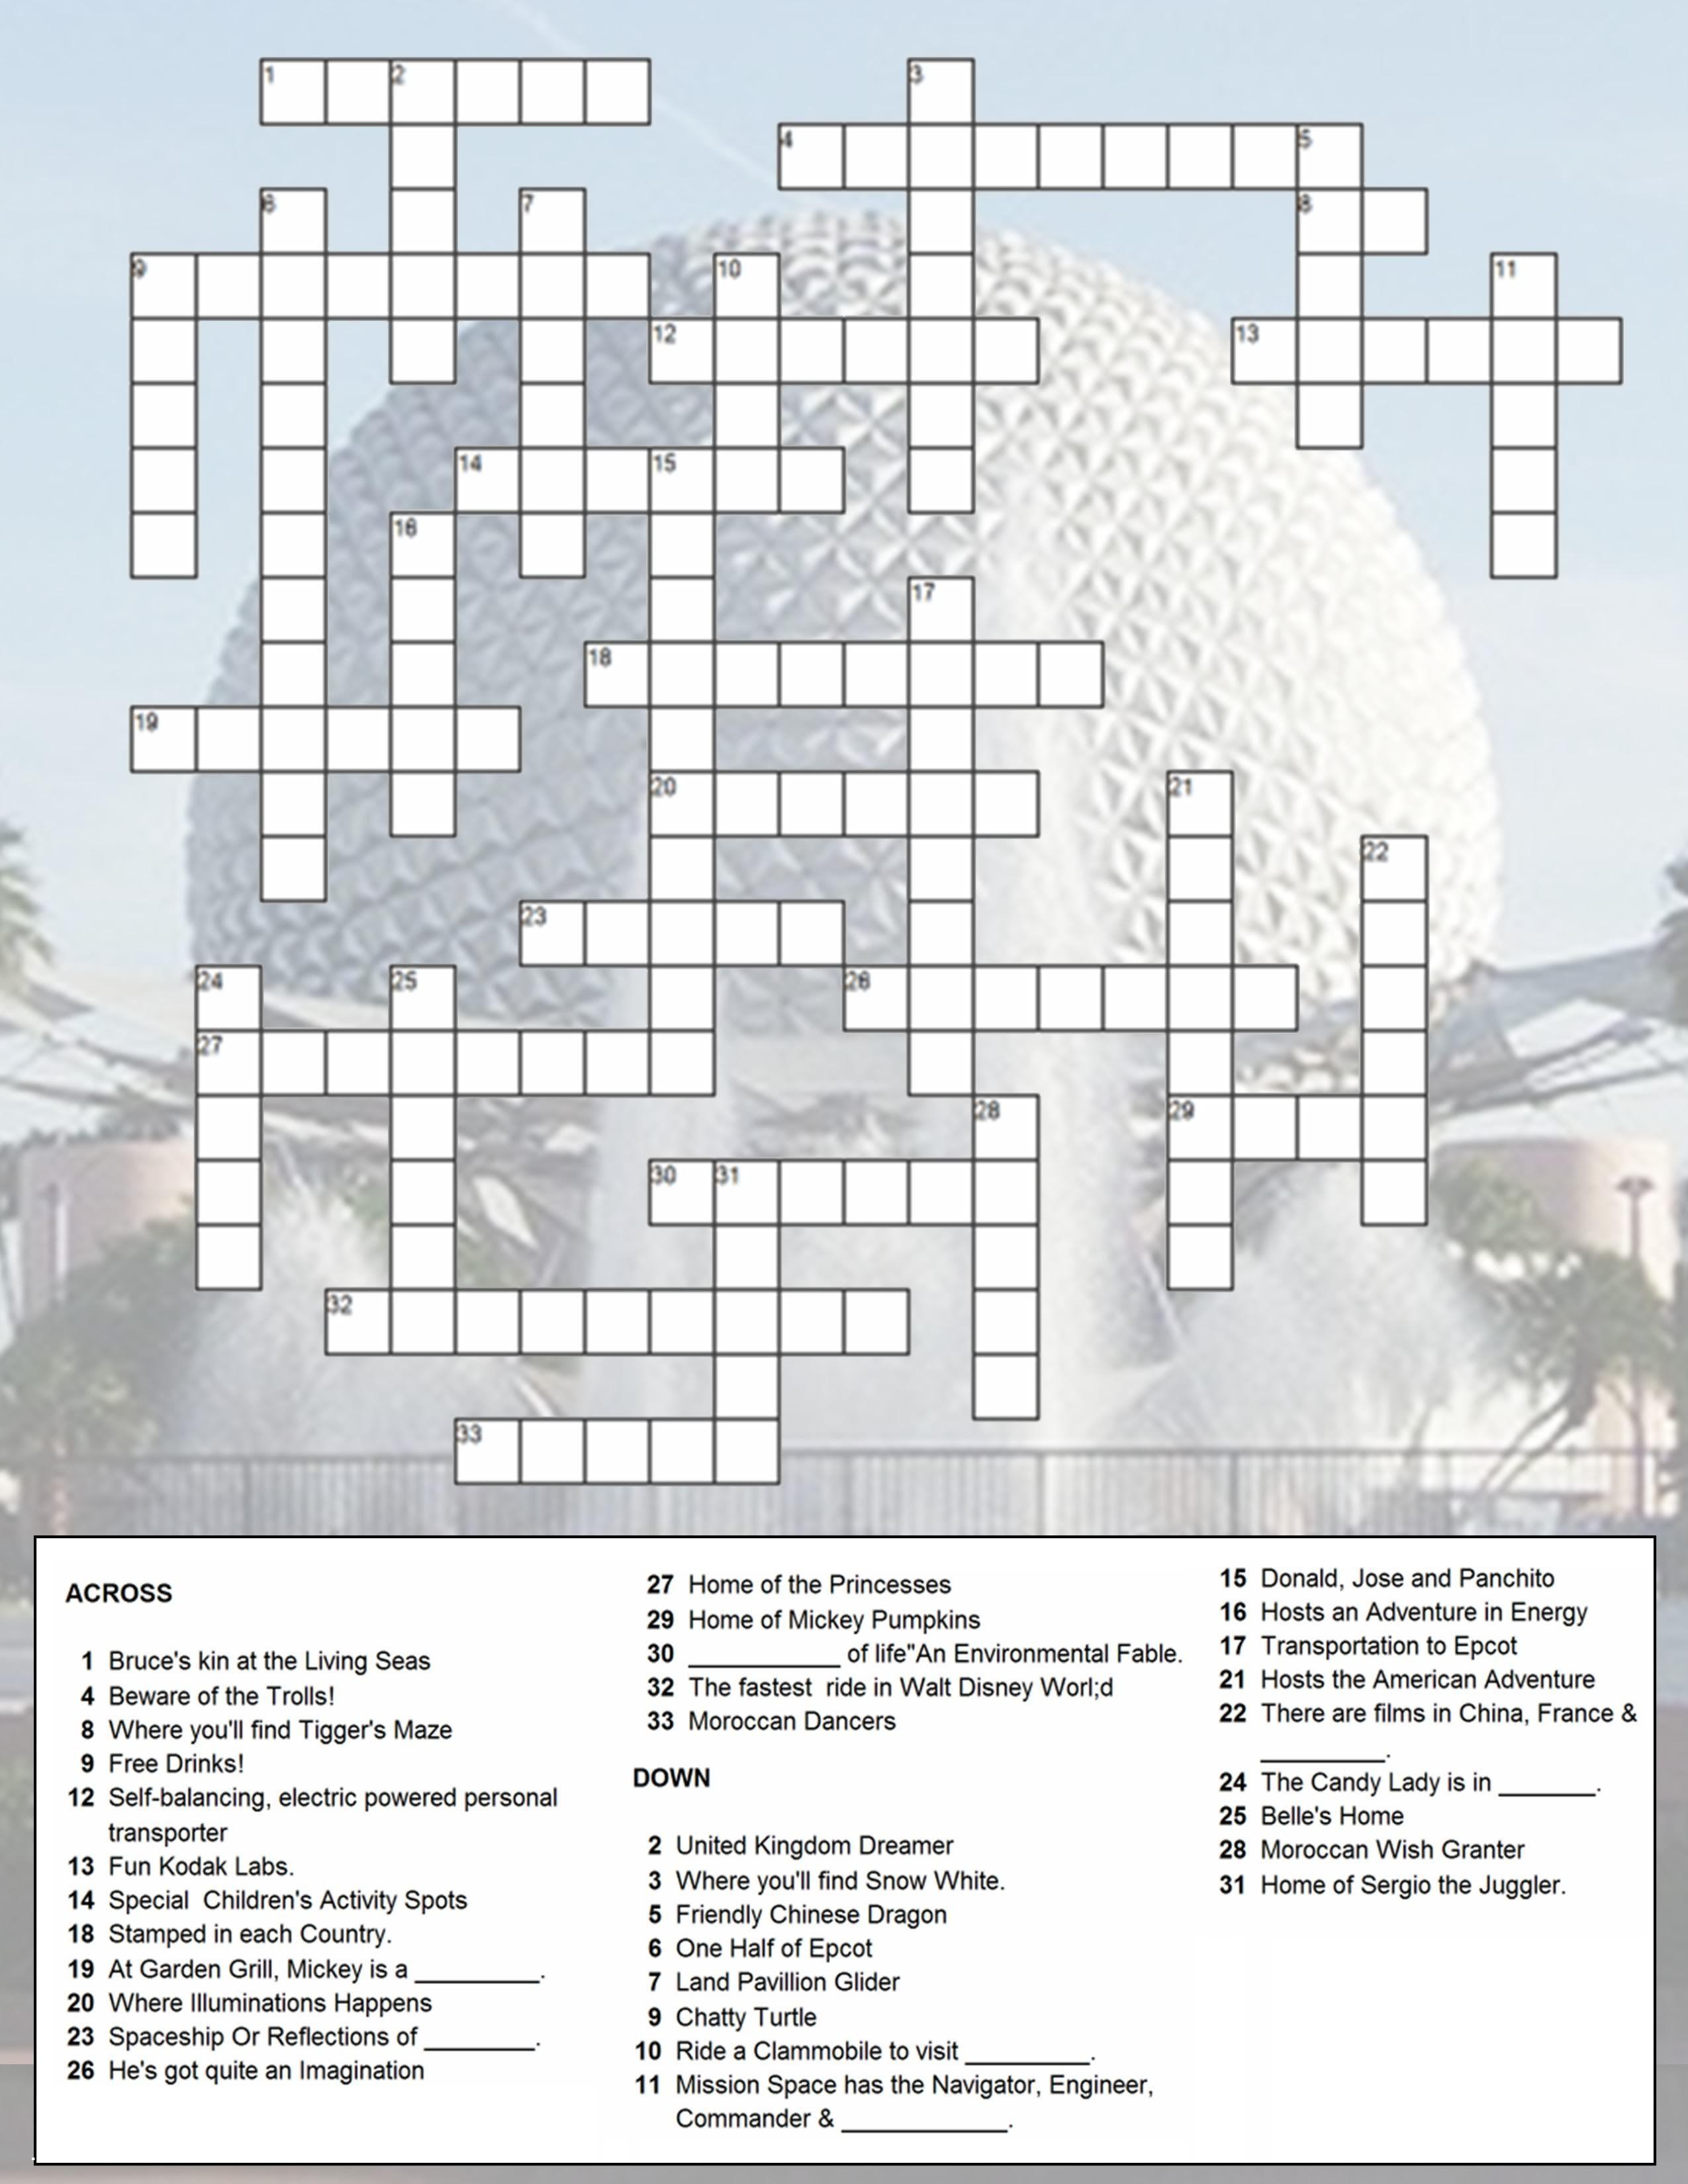 Epcot Crossword Puzzle